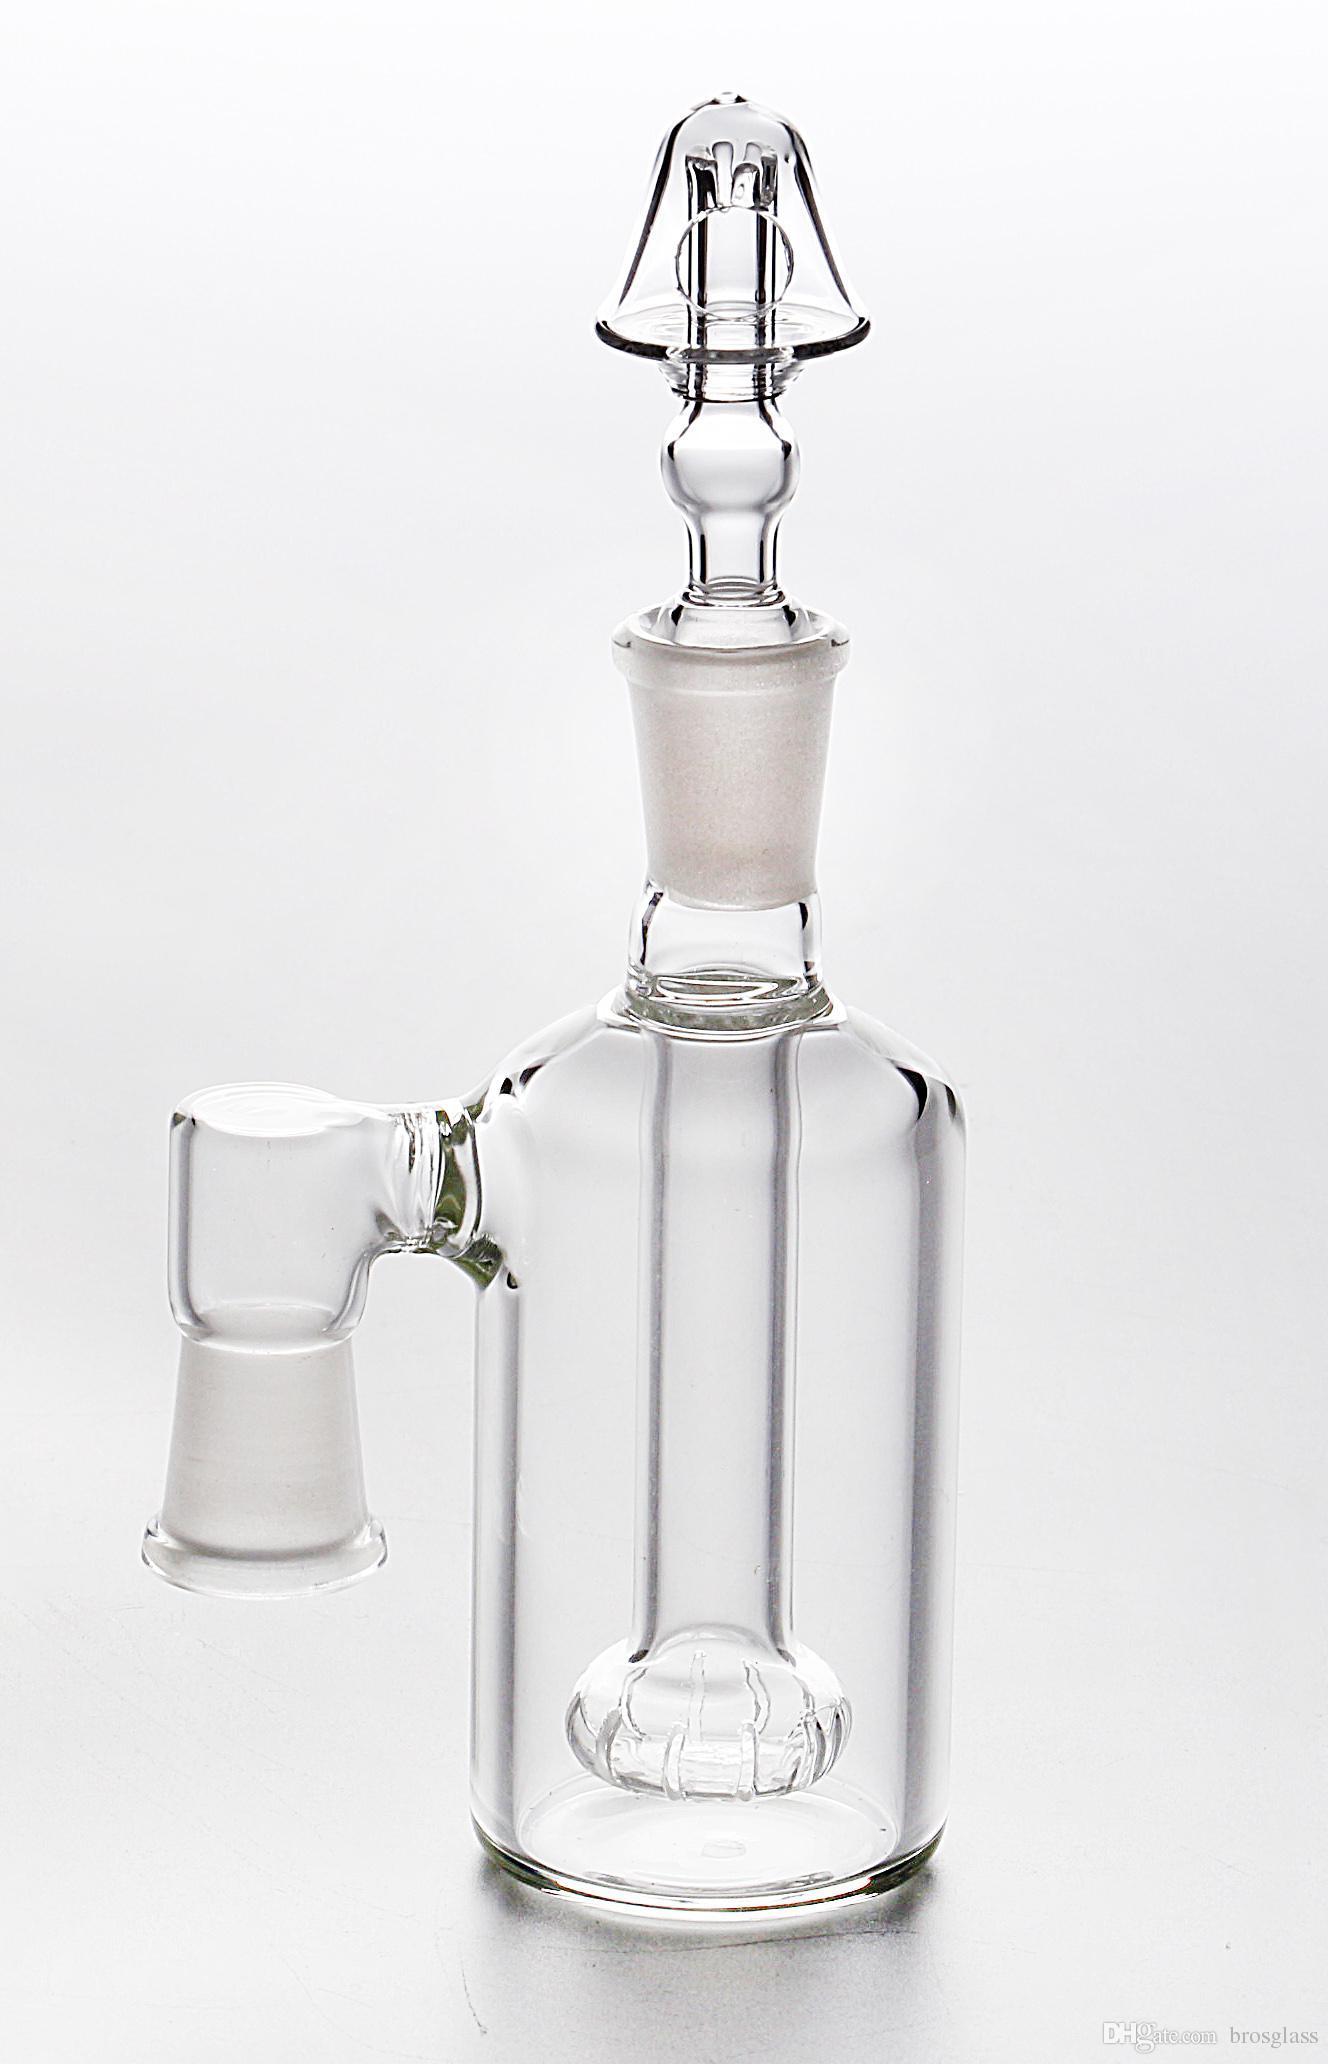 Fungo al quarzo fungo con smerigliato giunto maschio con cupola D rende il tuo olio più efficiente utilizzato NO WASTE Offri anche il quarzo Banger Titanium Grinder